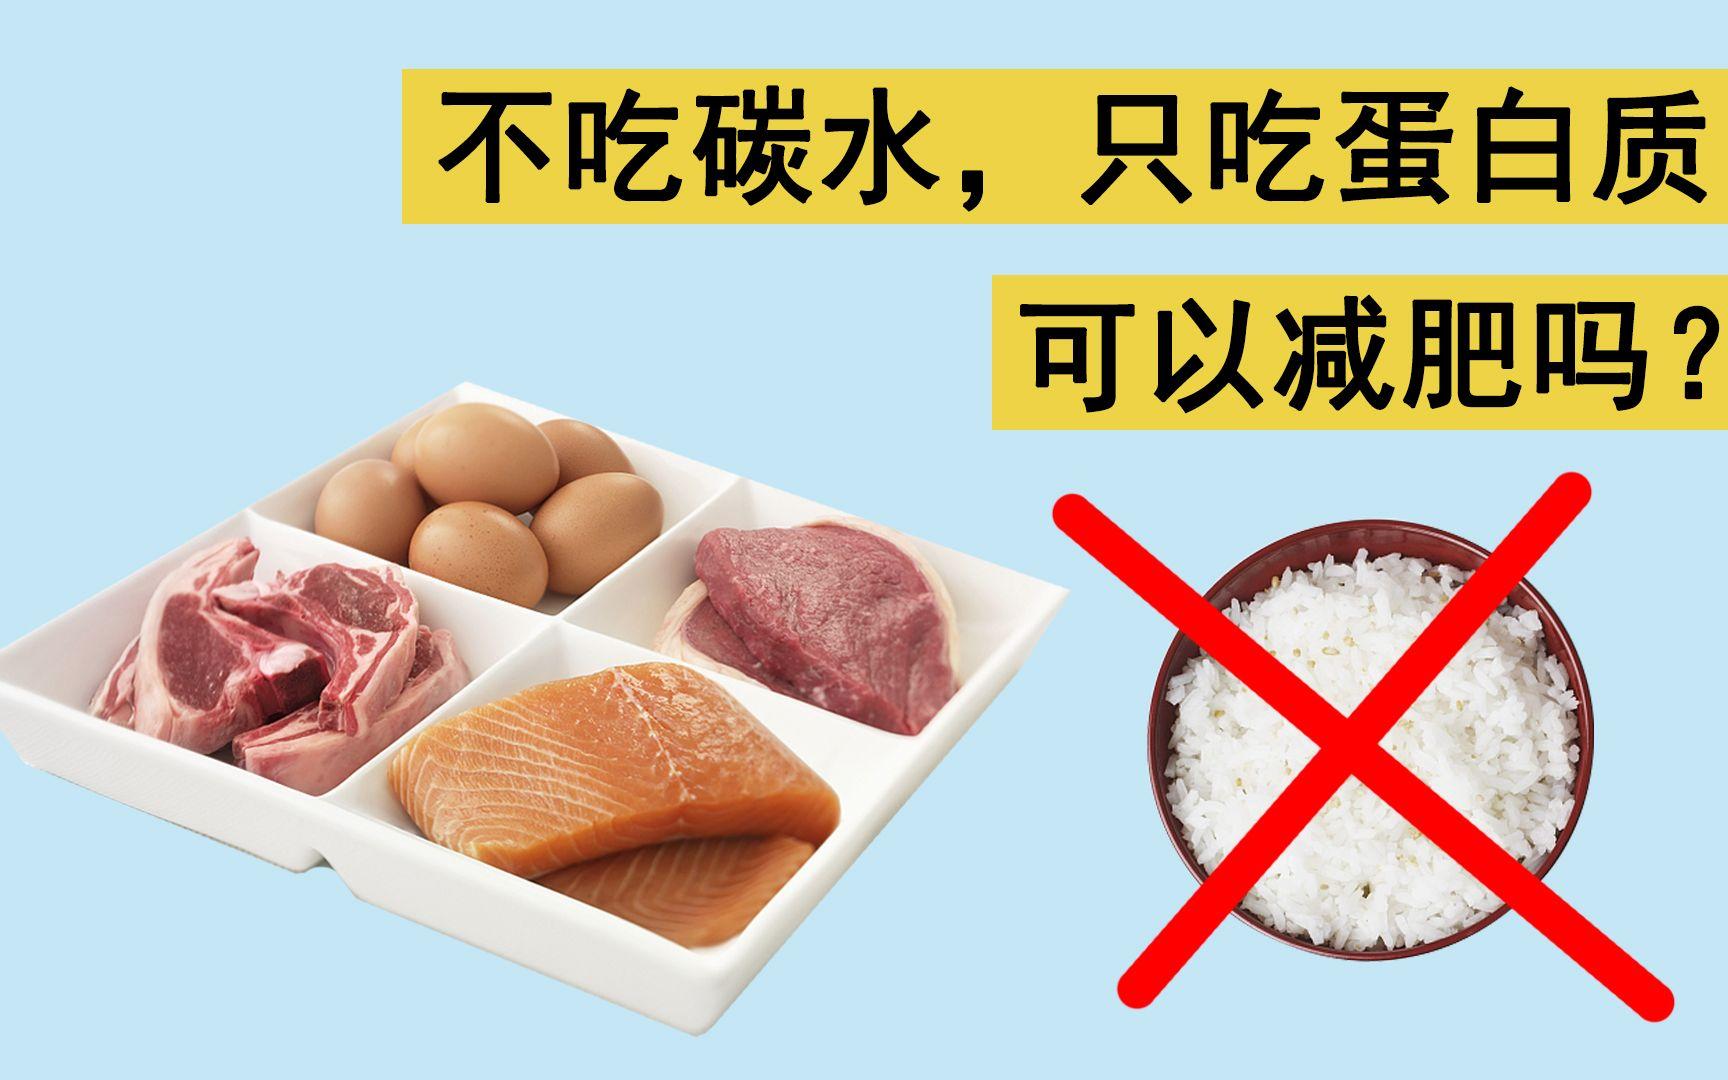 鸡蛋一天吃几个最好_不吃碳水,只吃蛋白质可以减肥吗?_哔哩哔哩 (゜-゜)つロ 干杯 ...